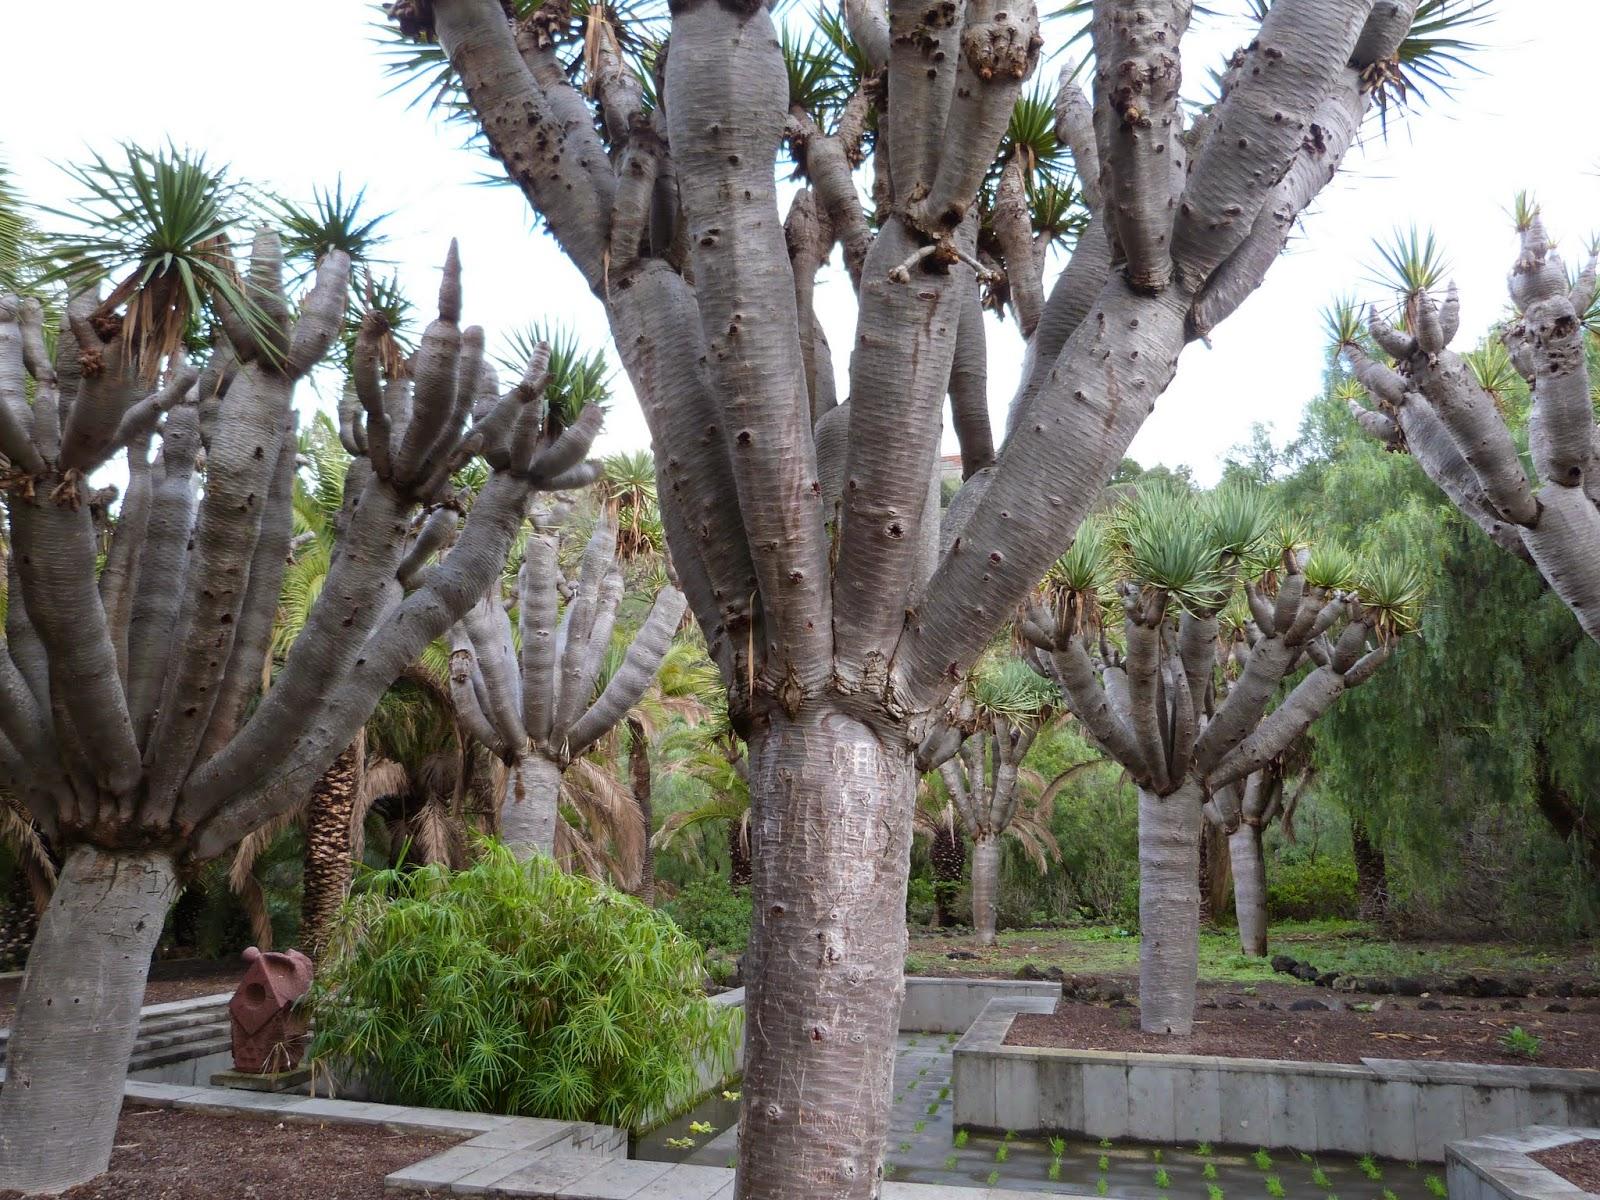 La mar de huellas jard n bot nico viera y clavijo en las - Jardin botanico las palmas ...